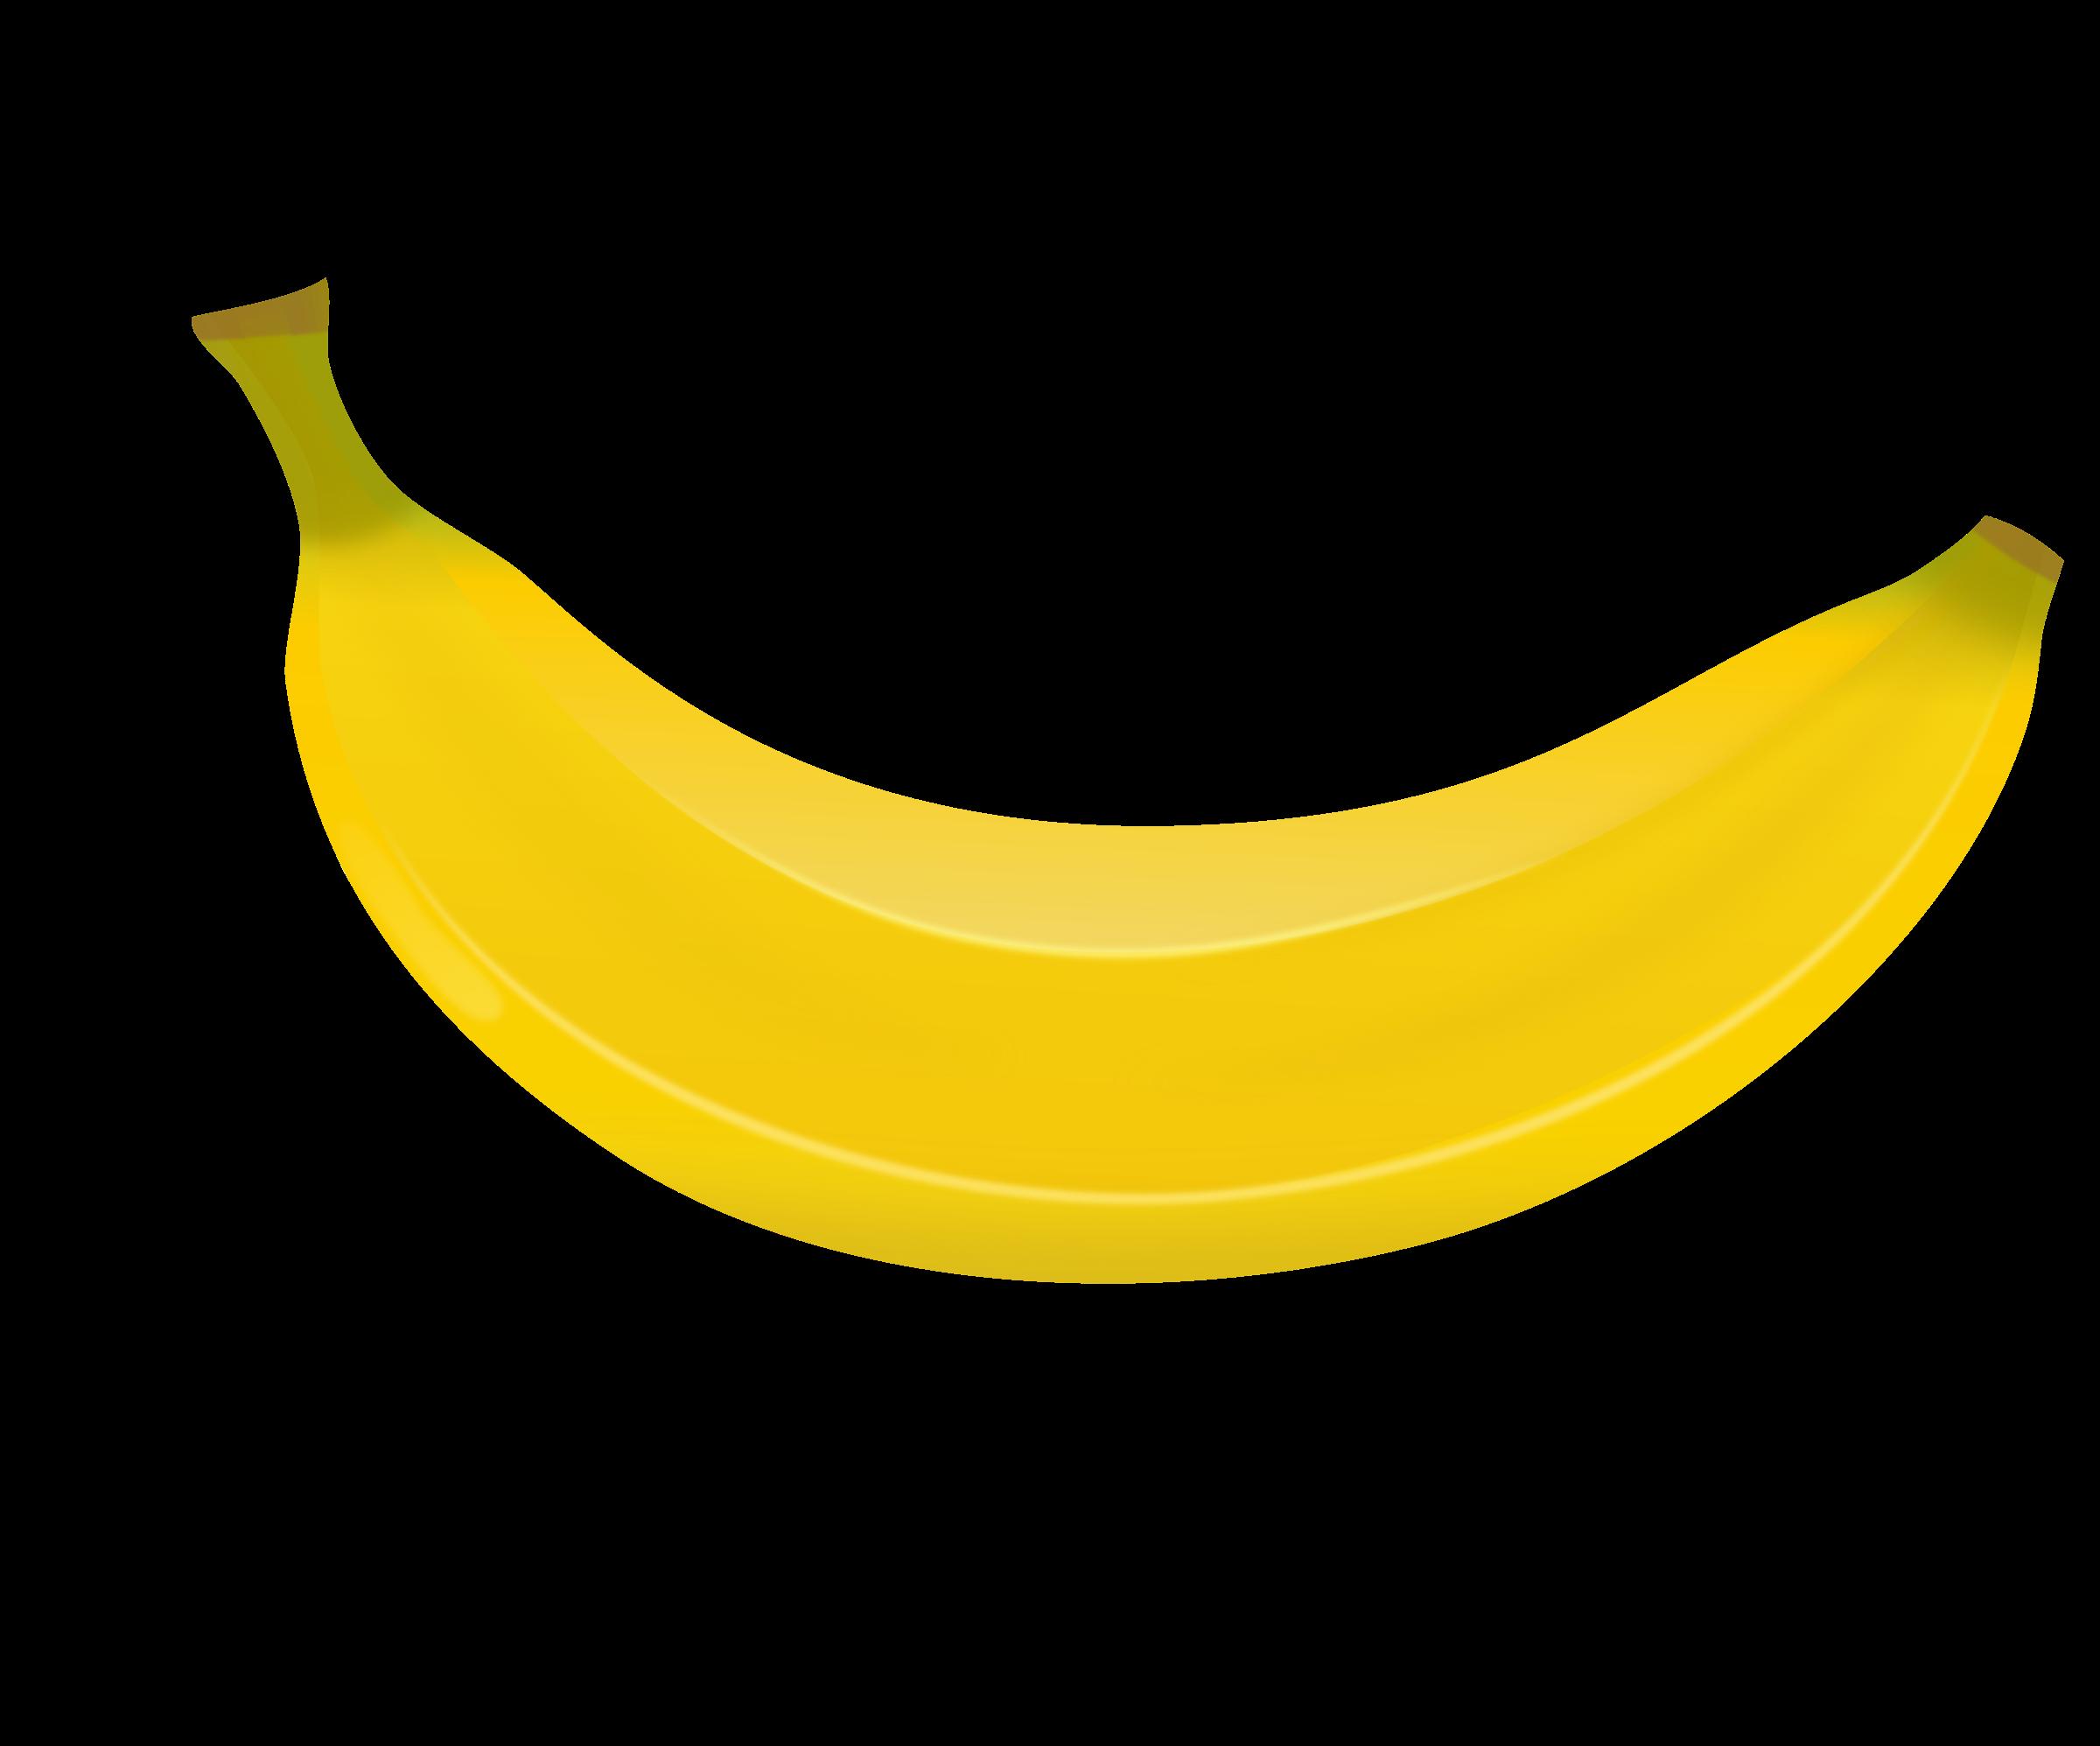 2 clipart banana. Png station